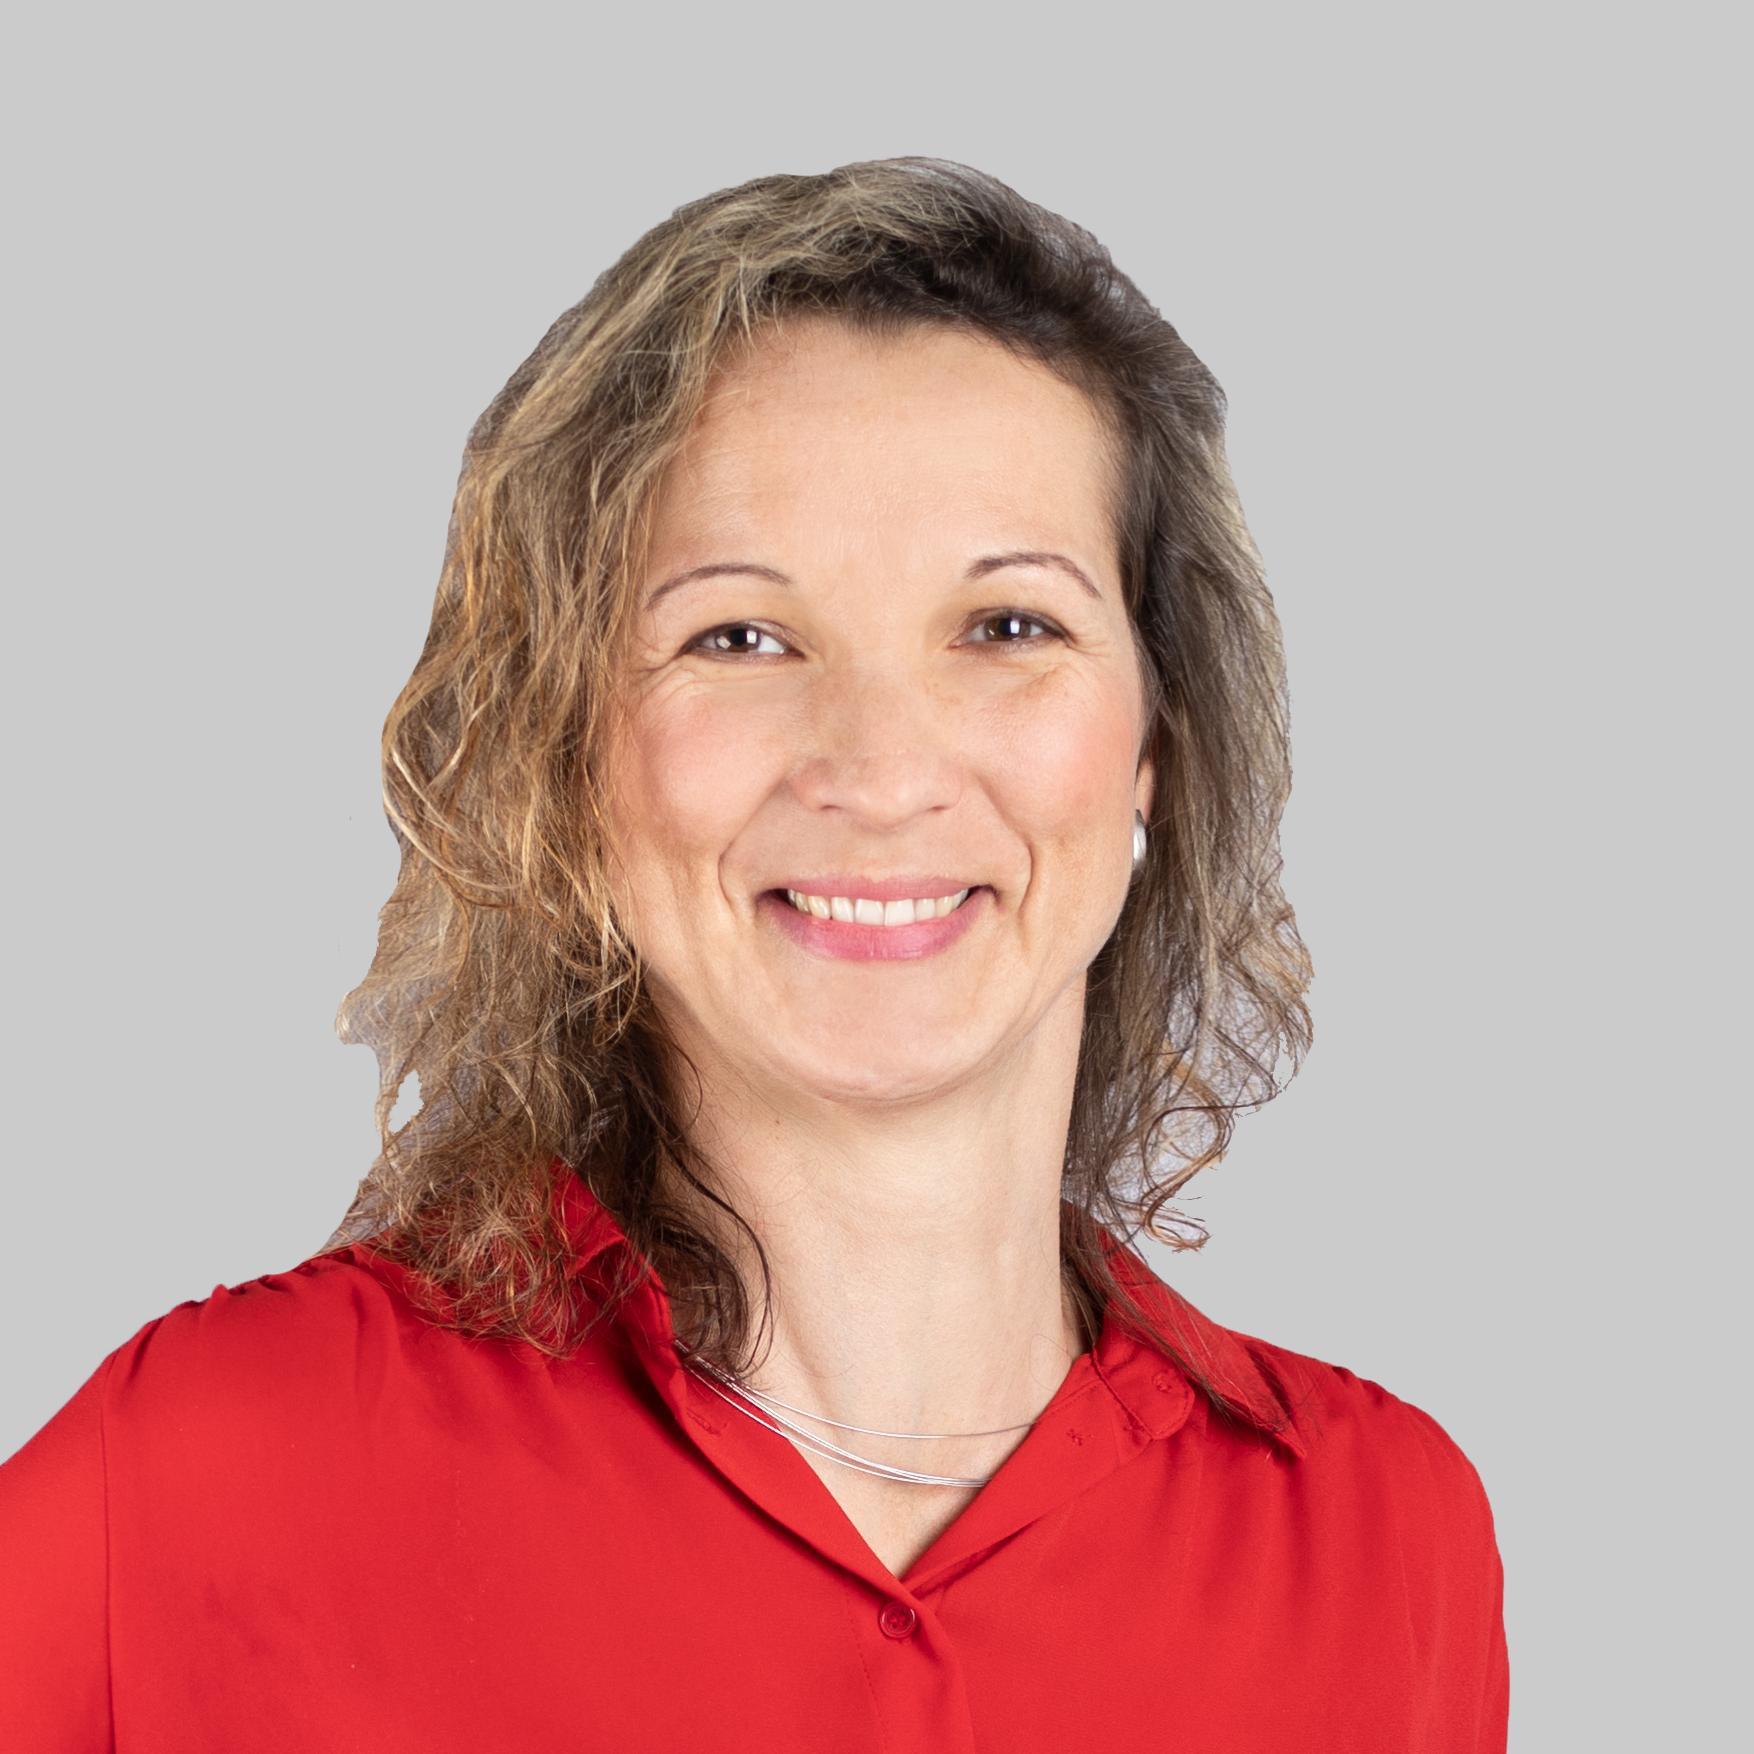 Katja Flügel